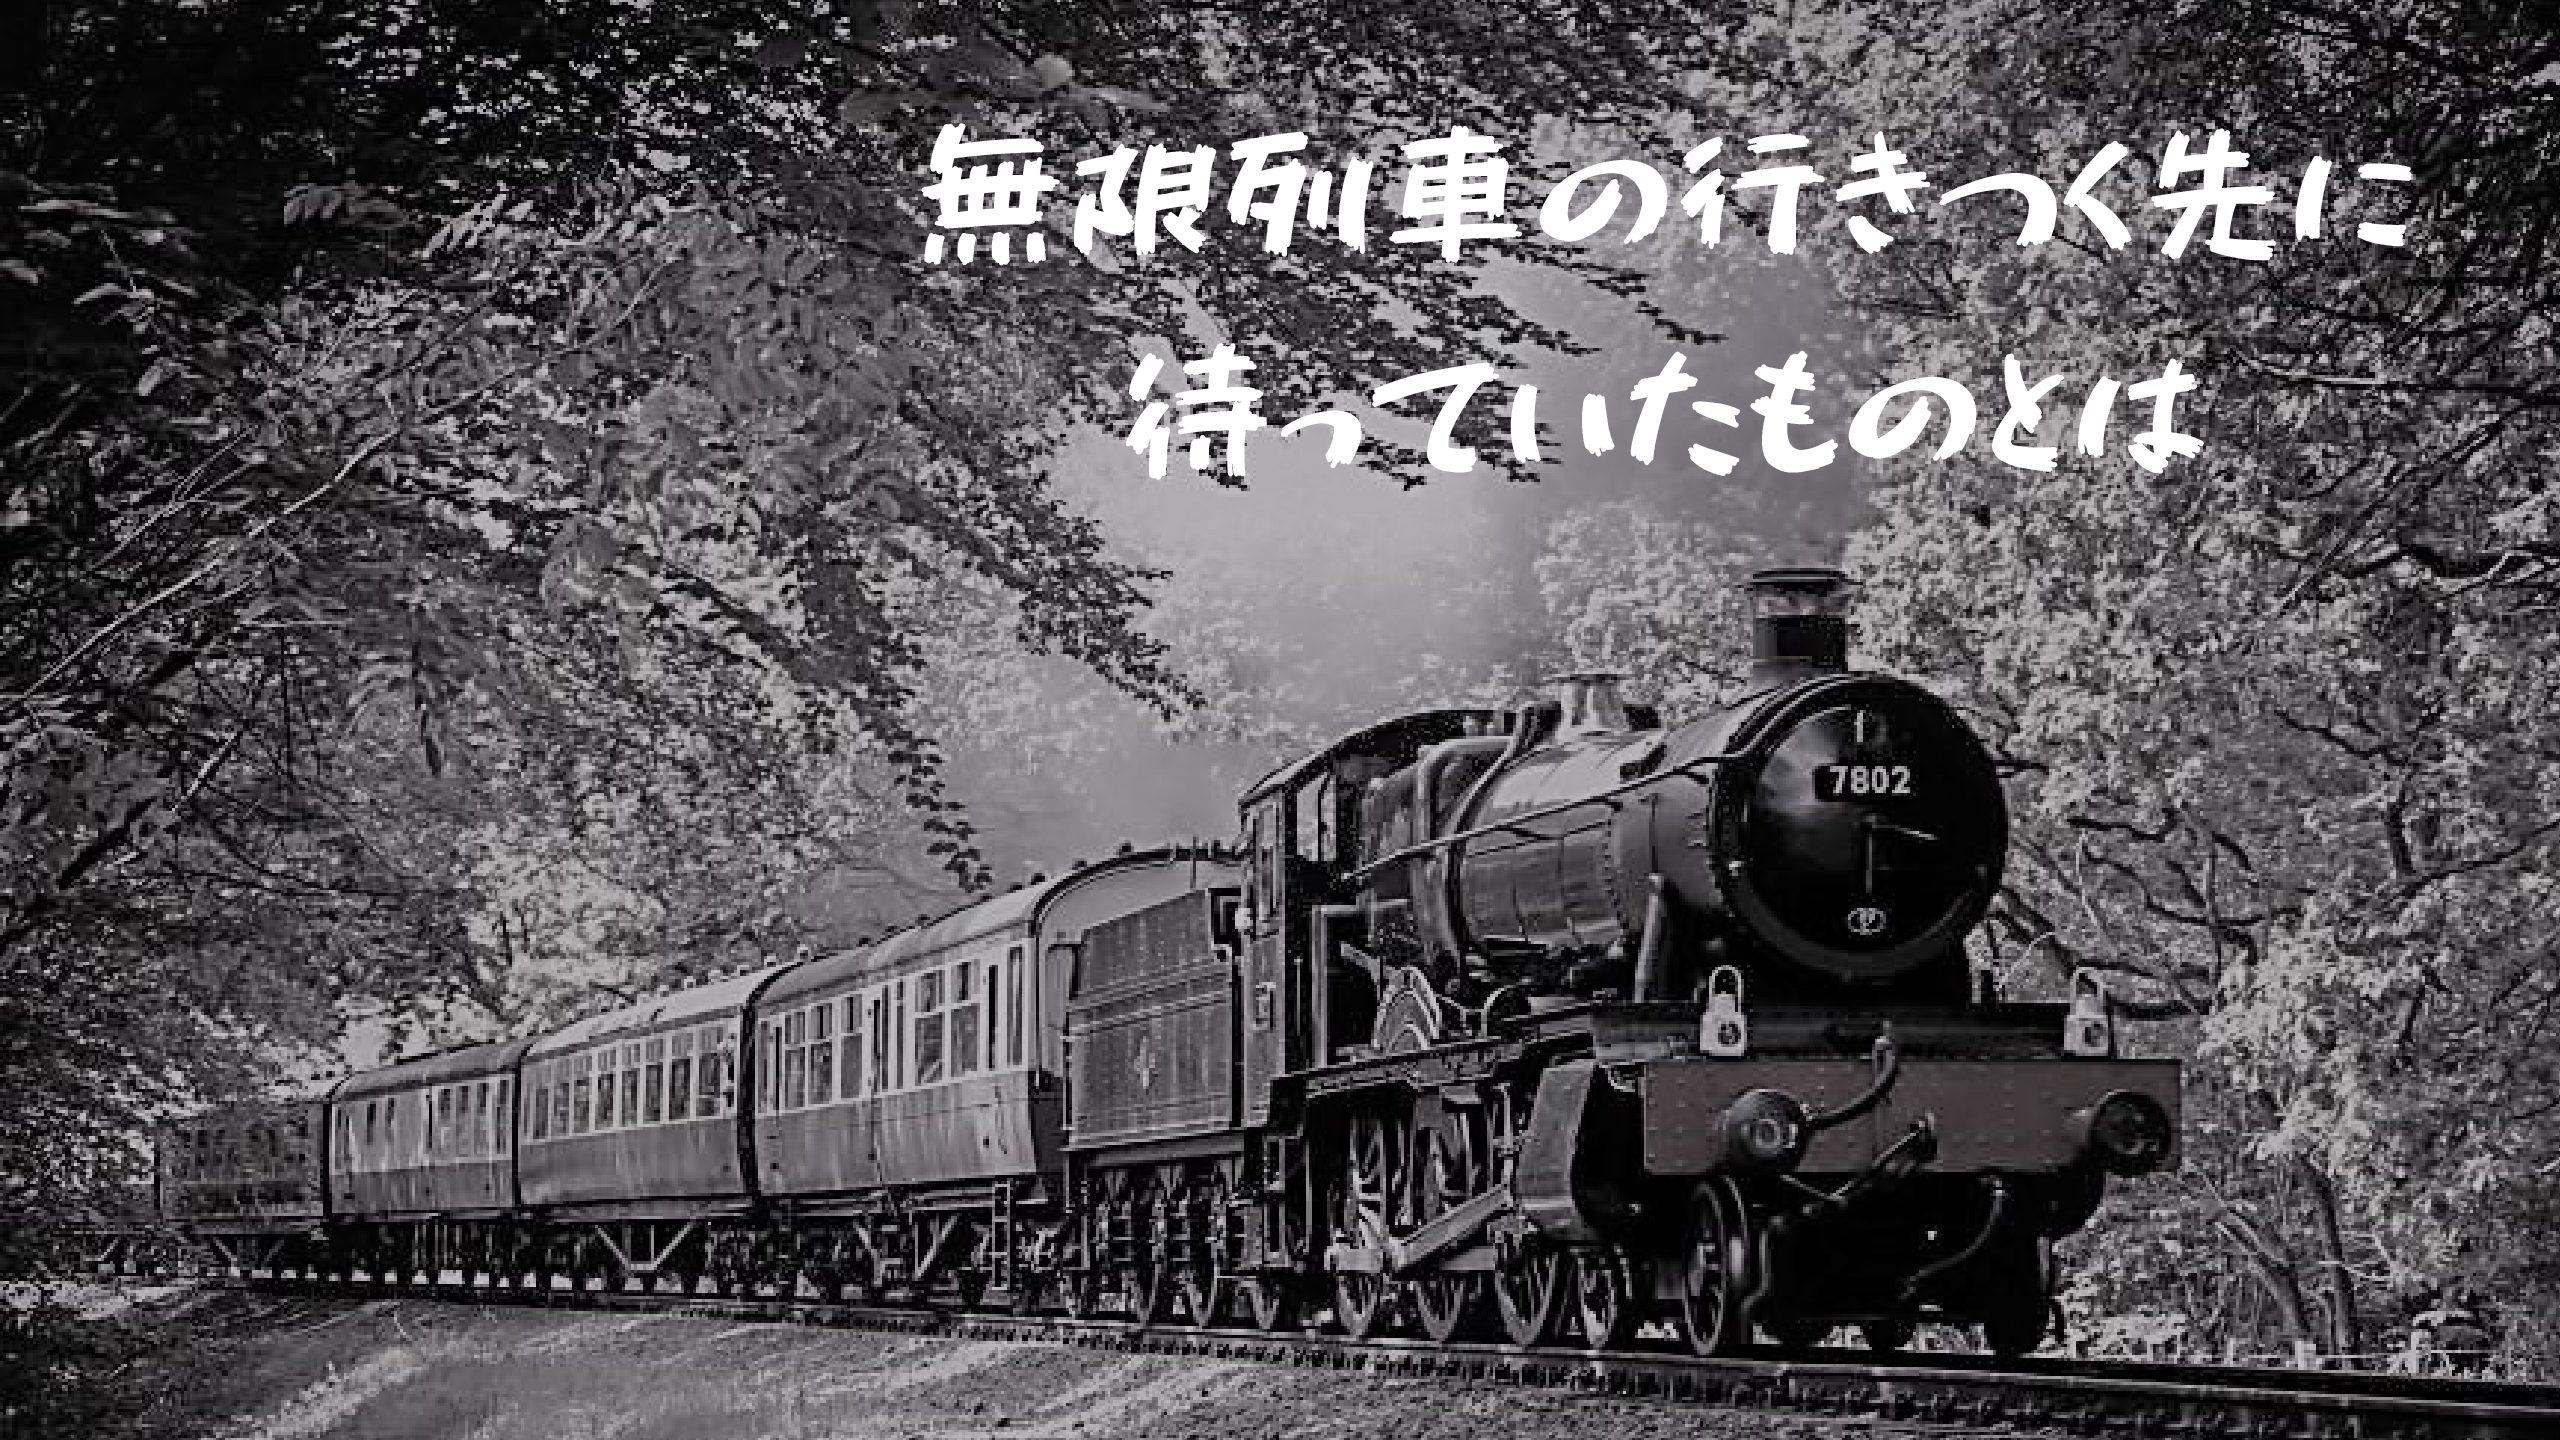 【映画】『「鬼滅の刃」無限列車編』を観ての感想【レビュー】